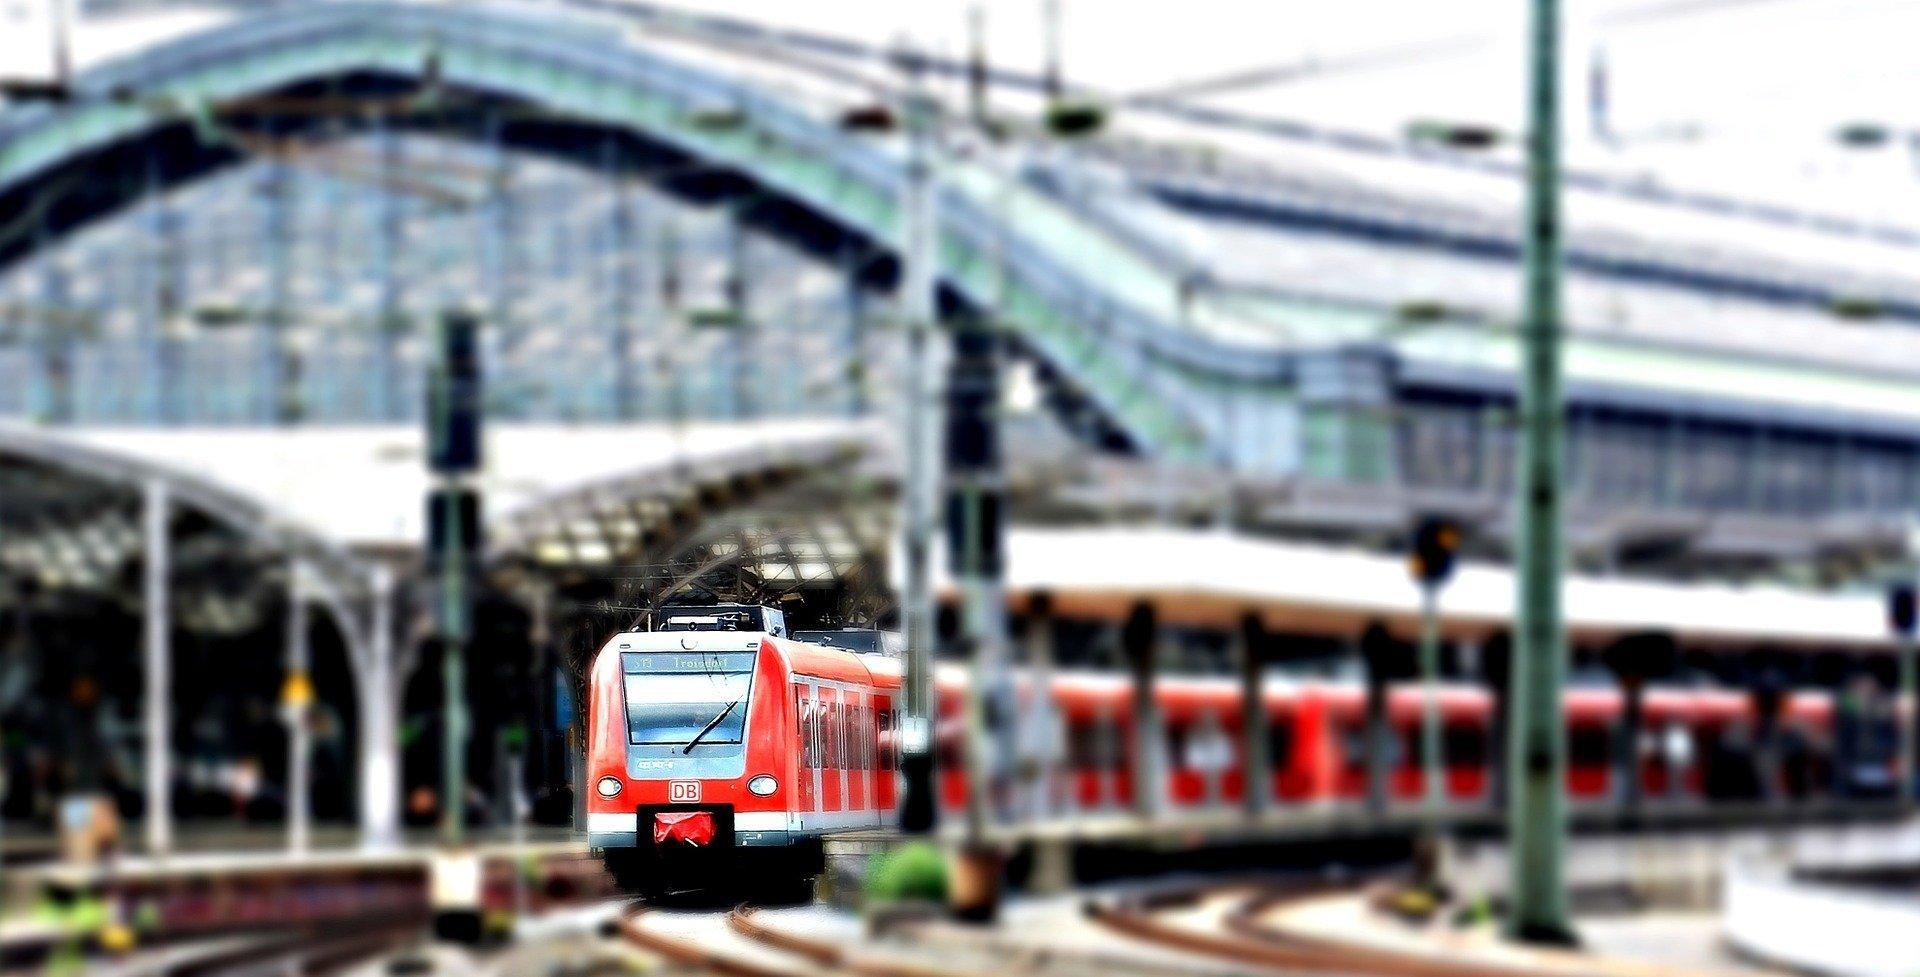 Jedzie pociąg z daleka, piosenka dla dzieci tekst i melodia